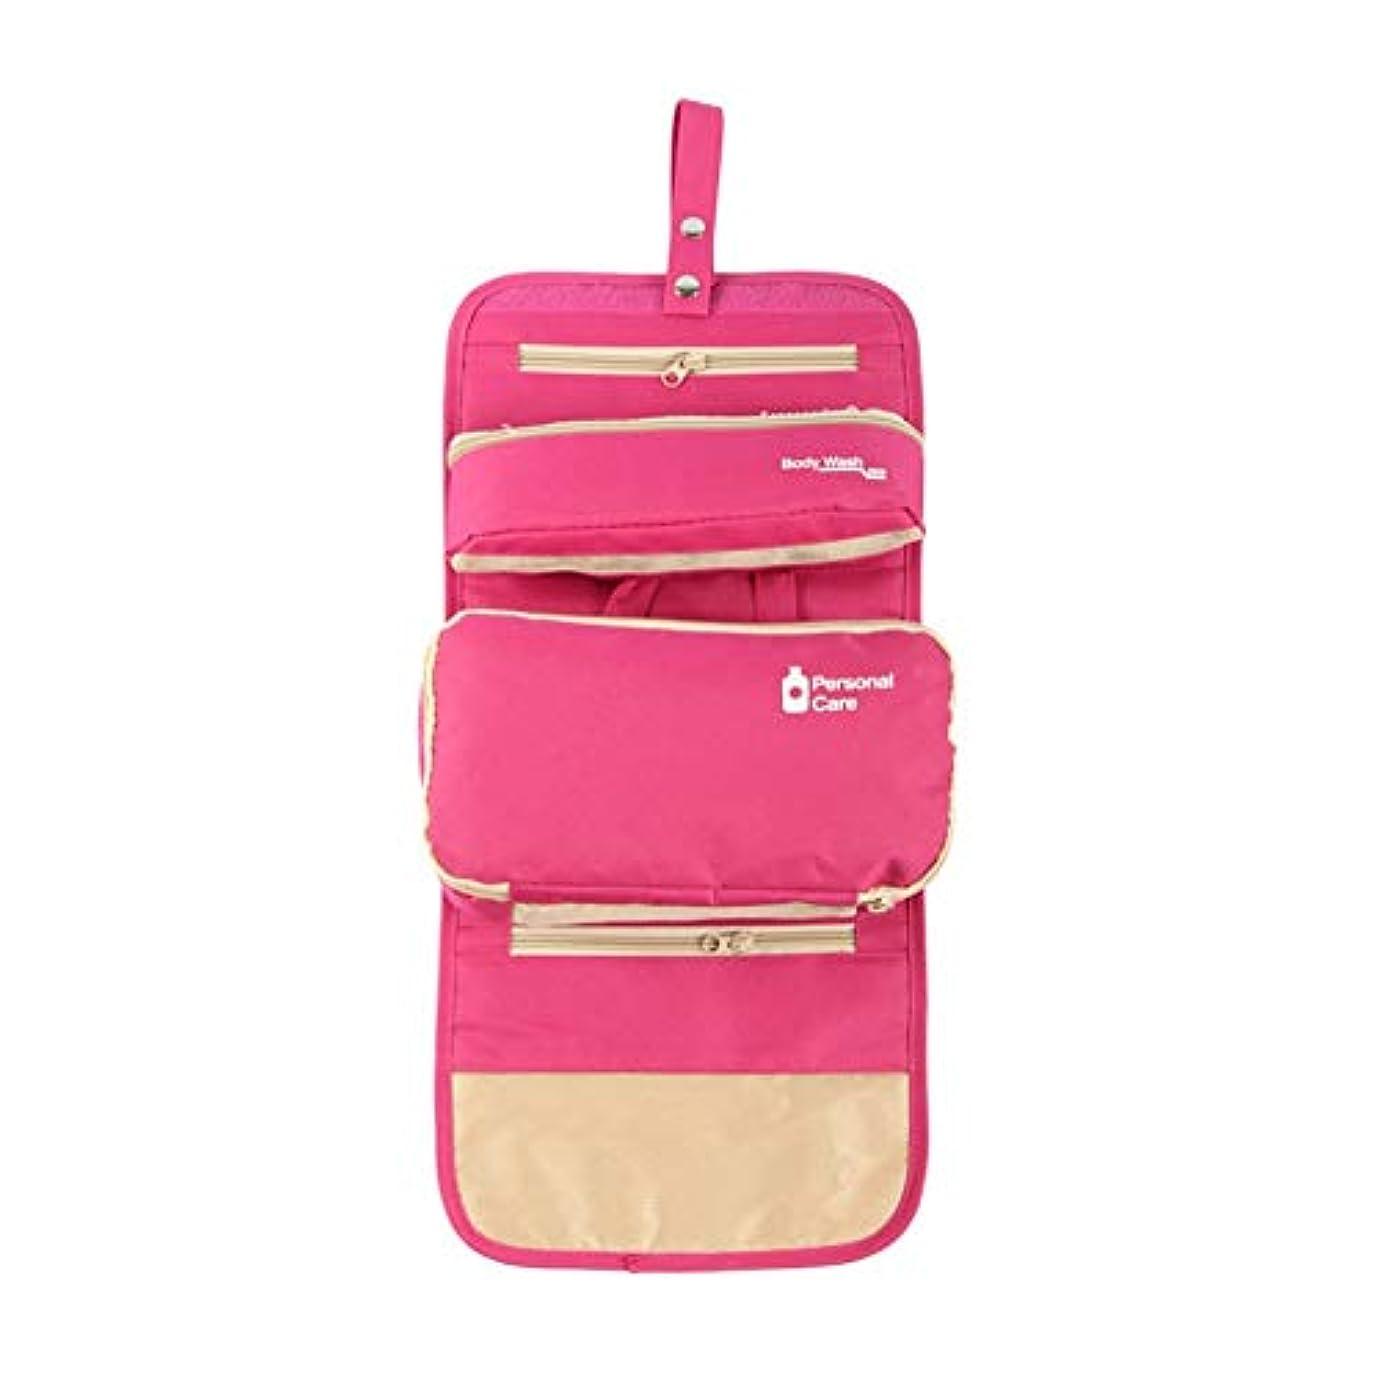 幸運なことにほかにガラガラ化粧オーガナイザーバッグ ハンギングトラベルウォッシュバッグナイロンポータブル化粧品家庭用ストレージバッグ折りたたみ旅行化粧品収納ボックス 化粧品ケース (色 : ピンク)